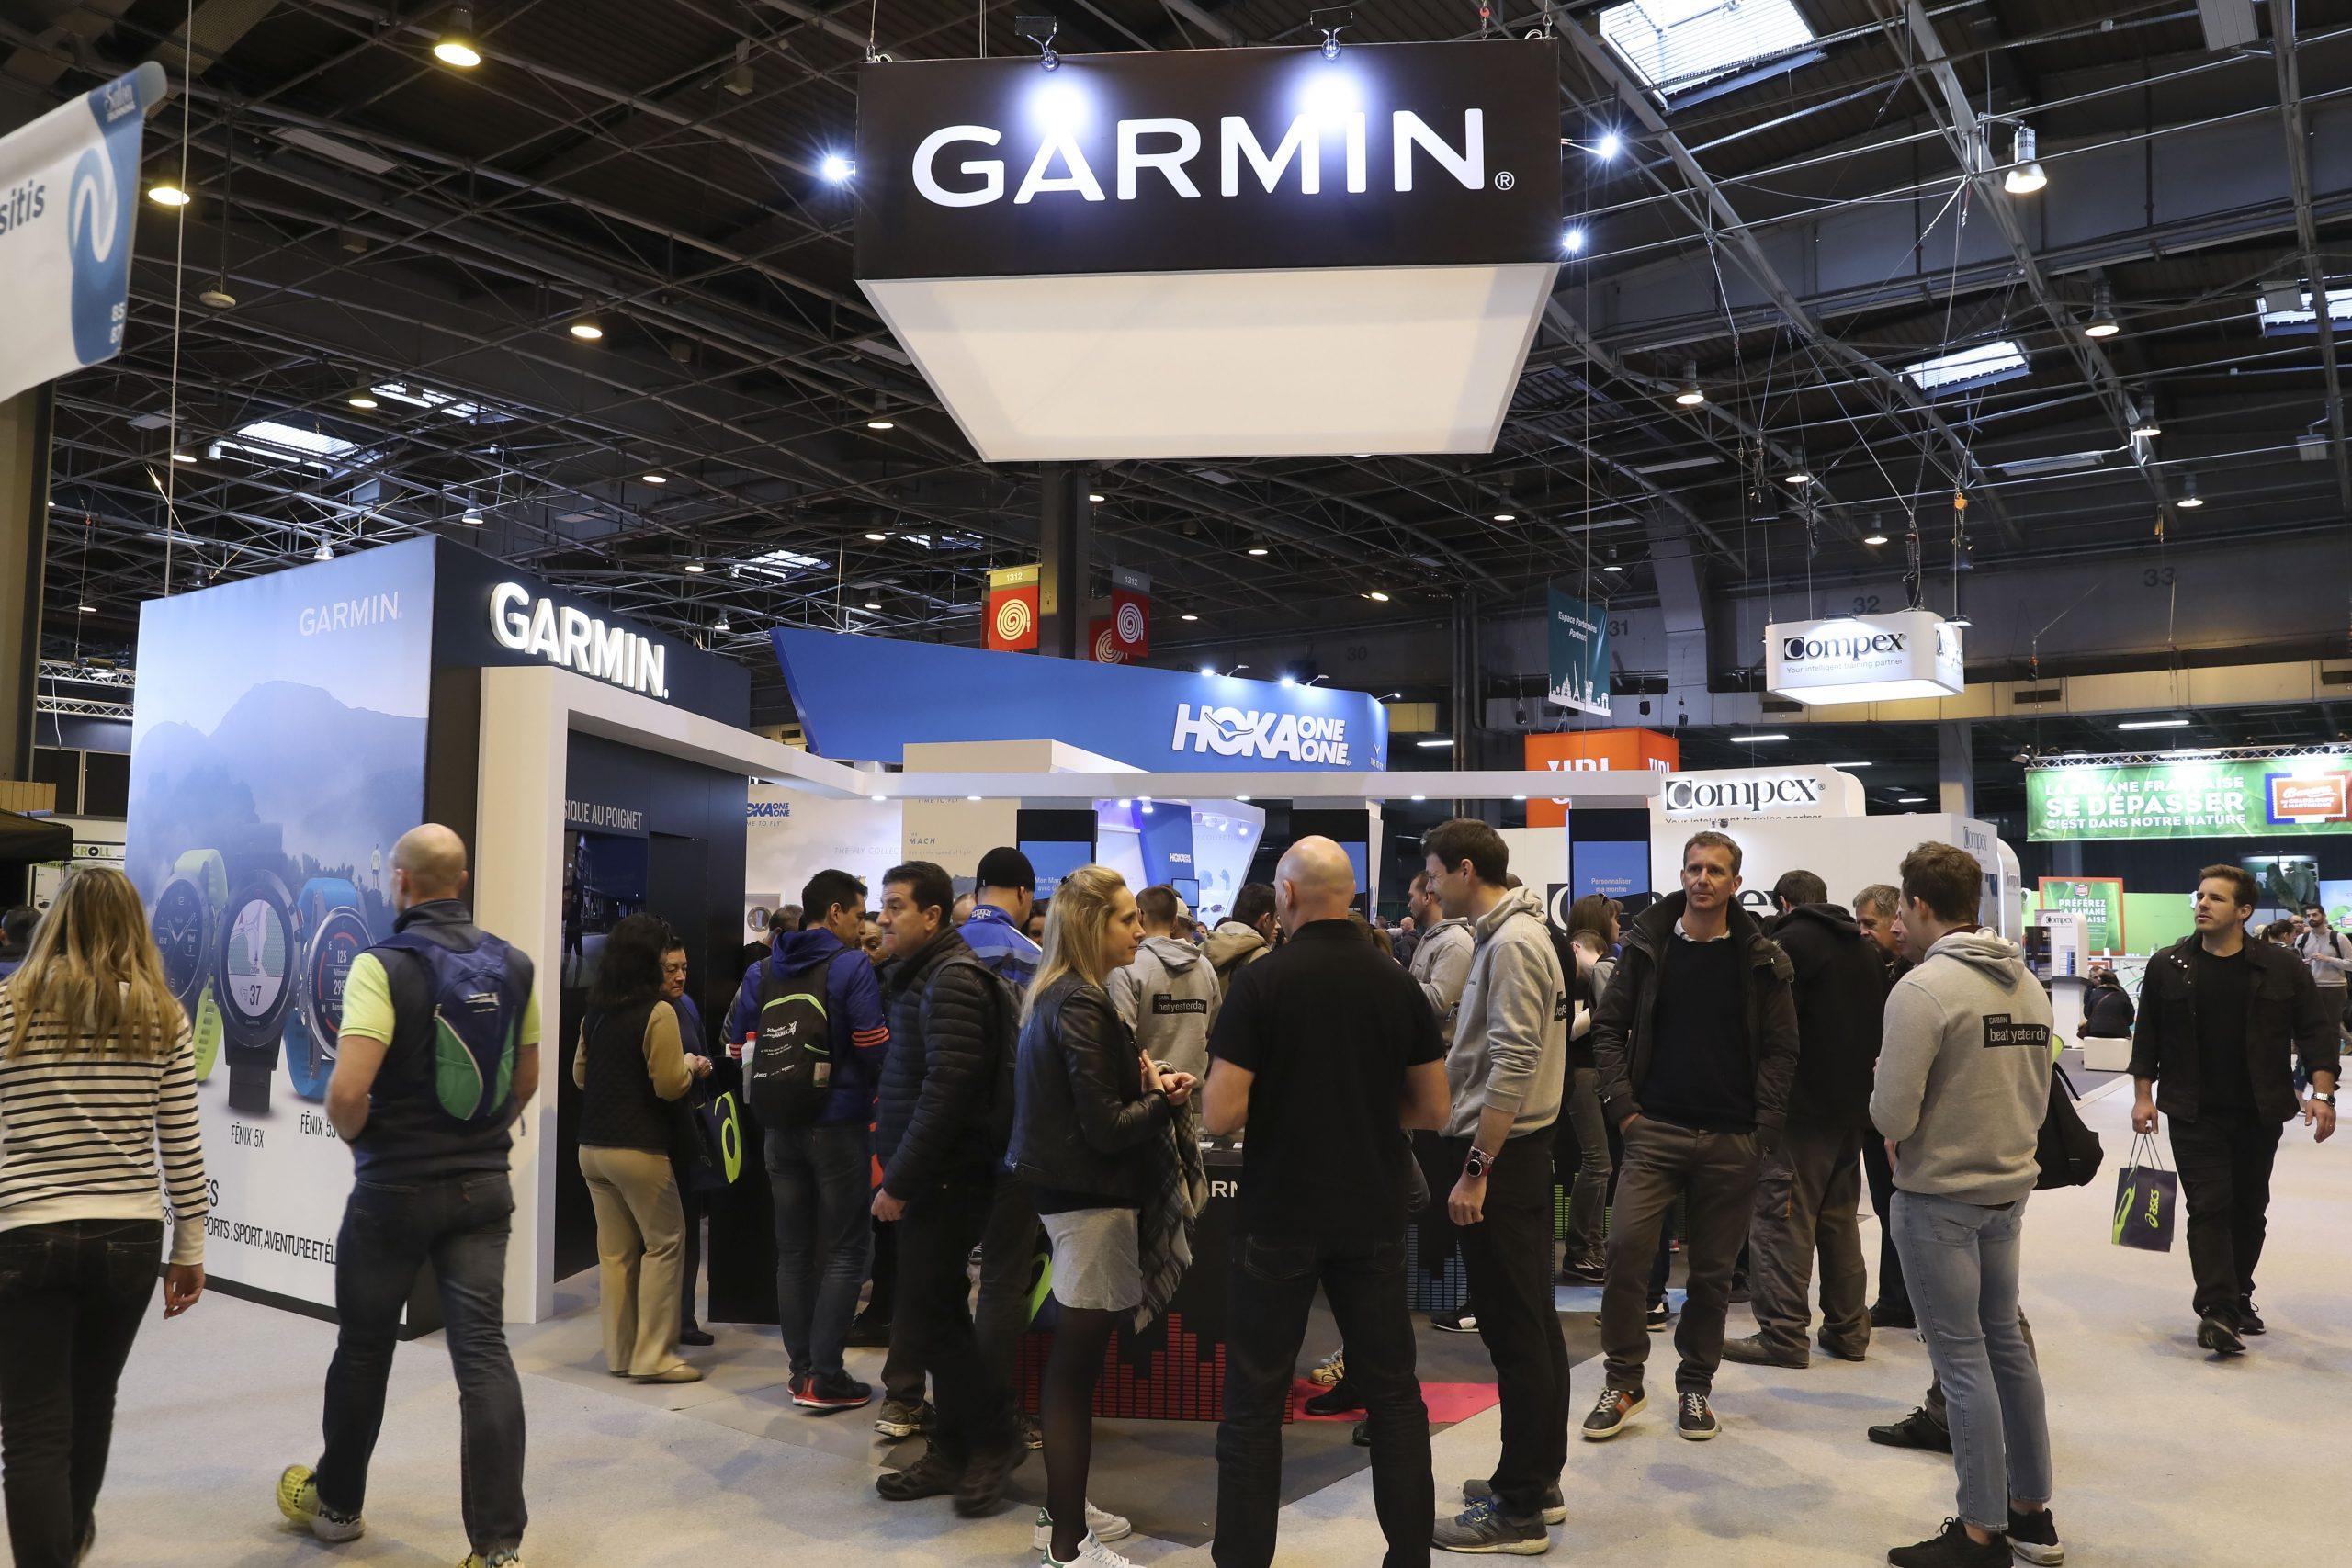 Lo que sabemos sobre el supuesto pirateo masivo del ransomware de Garmin